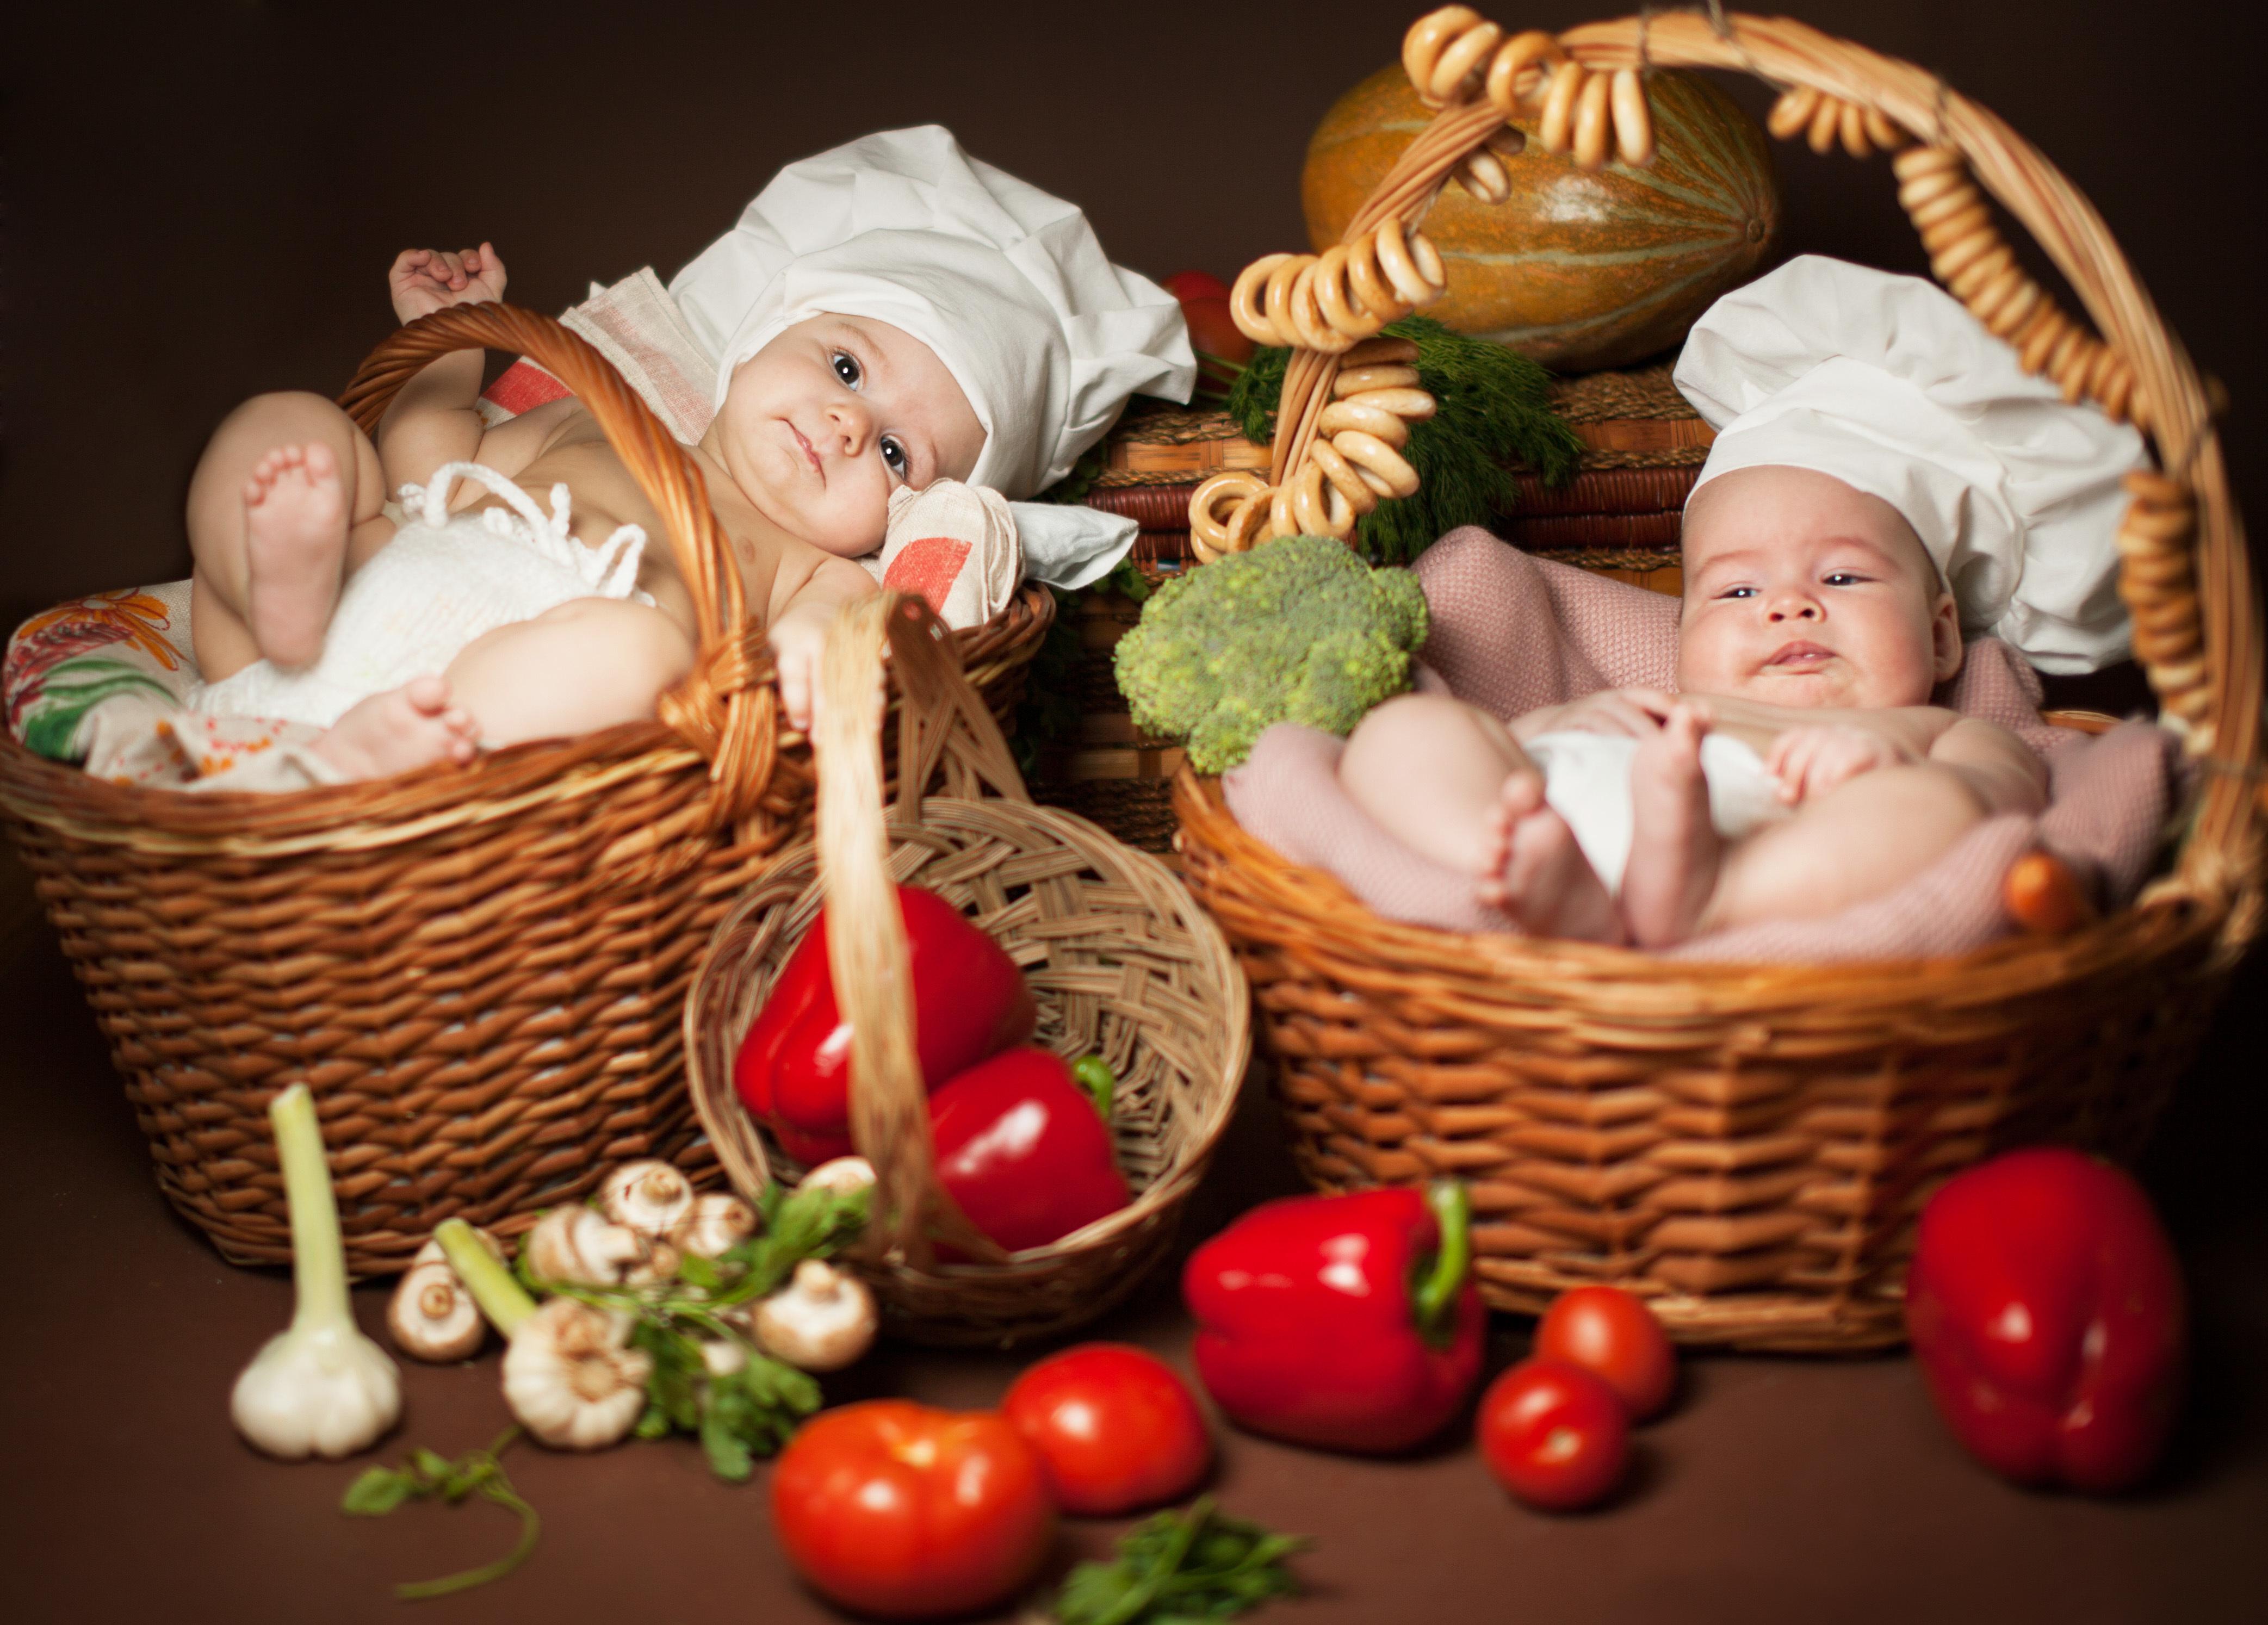 Малыш в кокосе  № 1799971 бесплатно